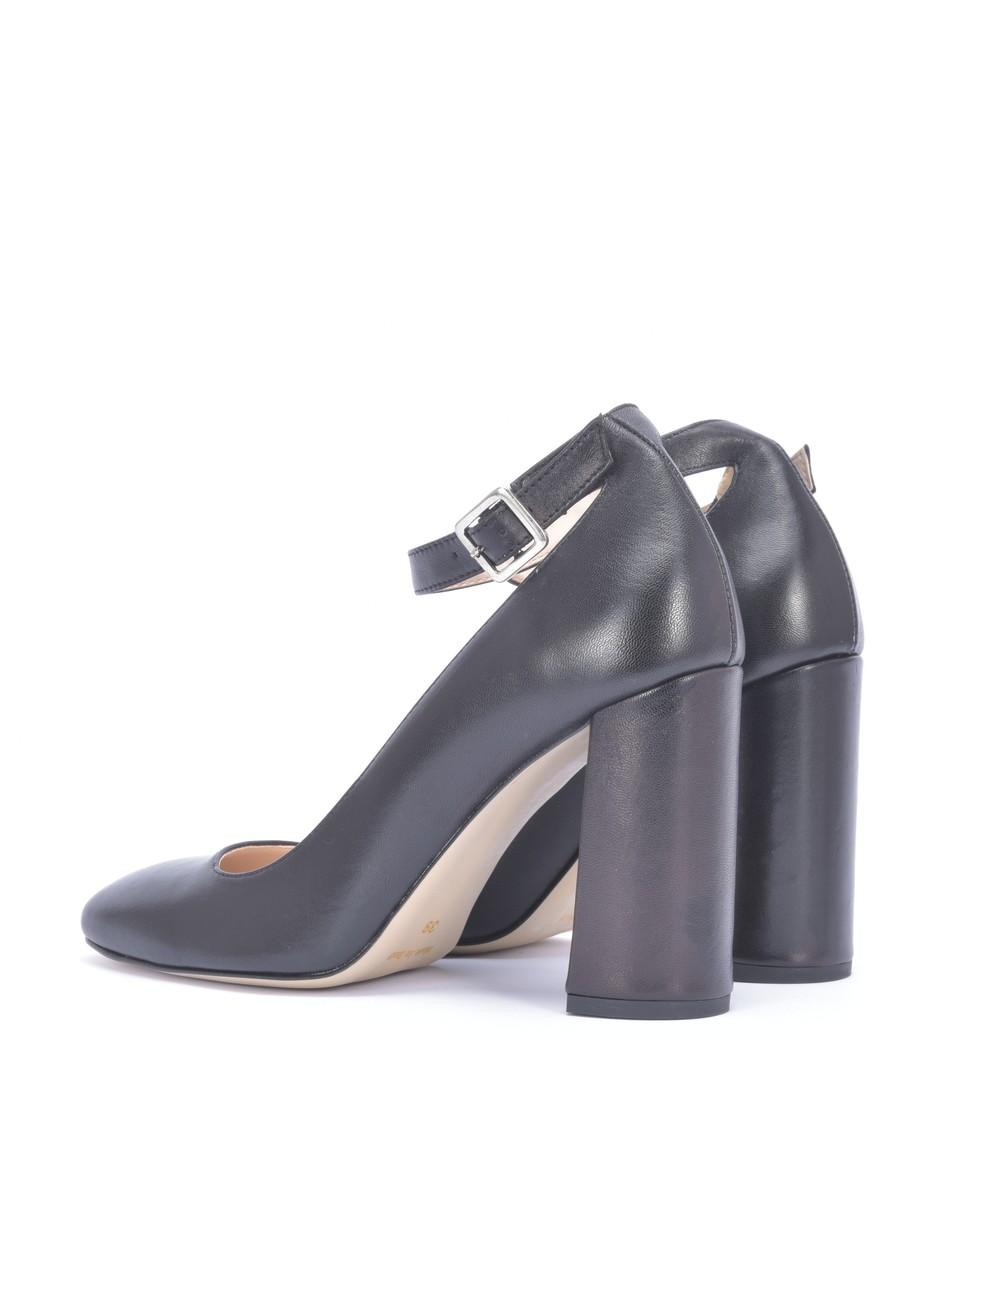 (P21) MIA black matte pumps